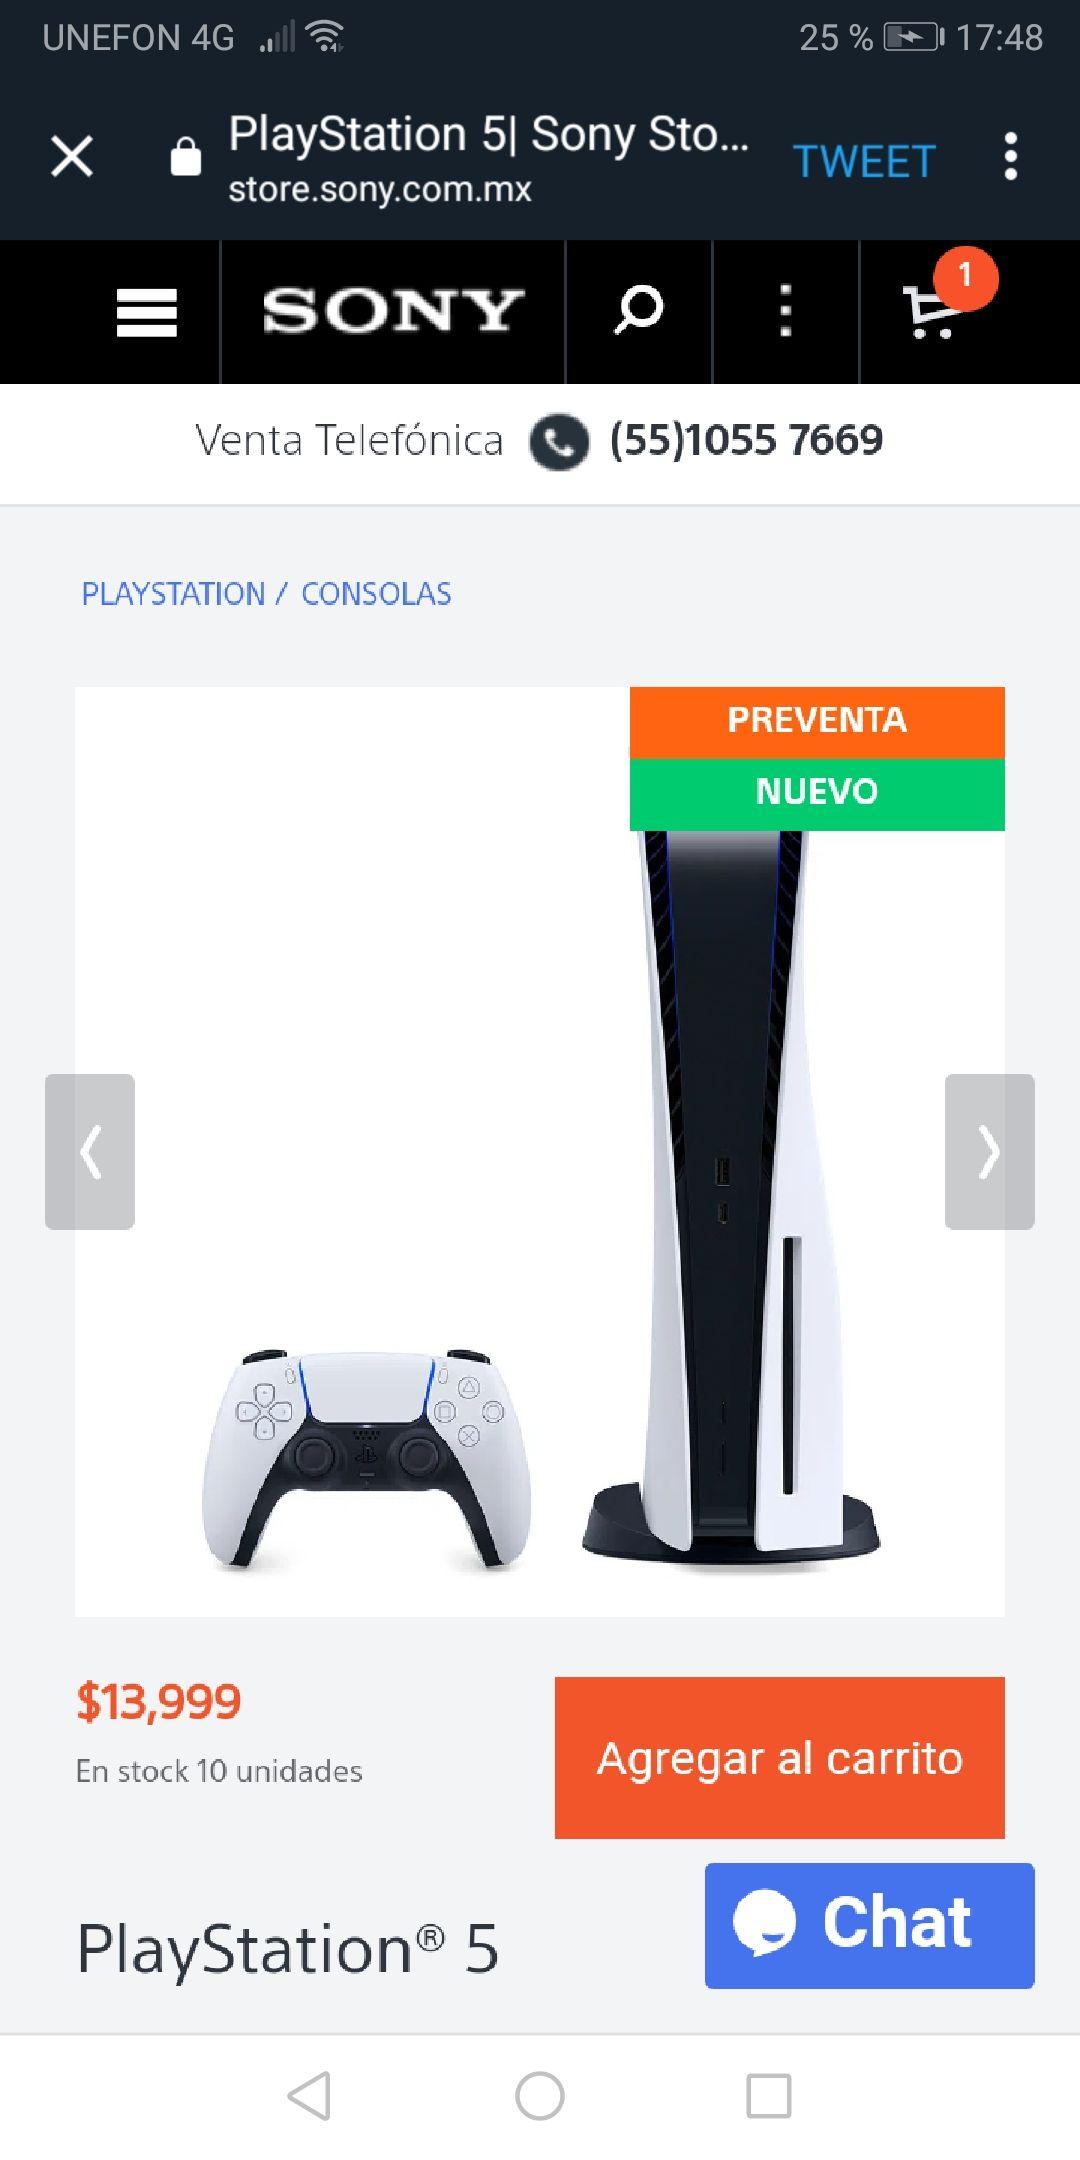 Sony Store: Preventa consola PS5